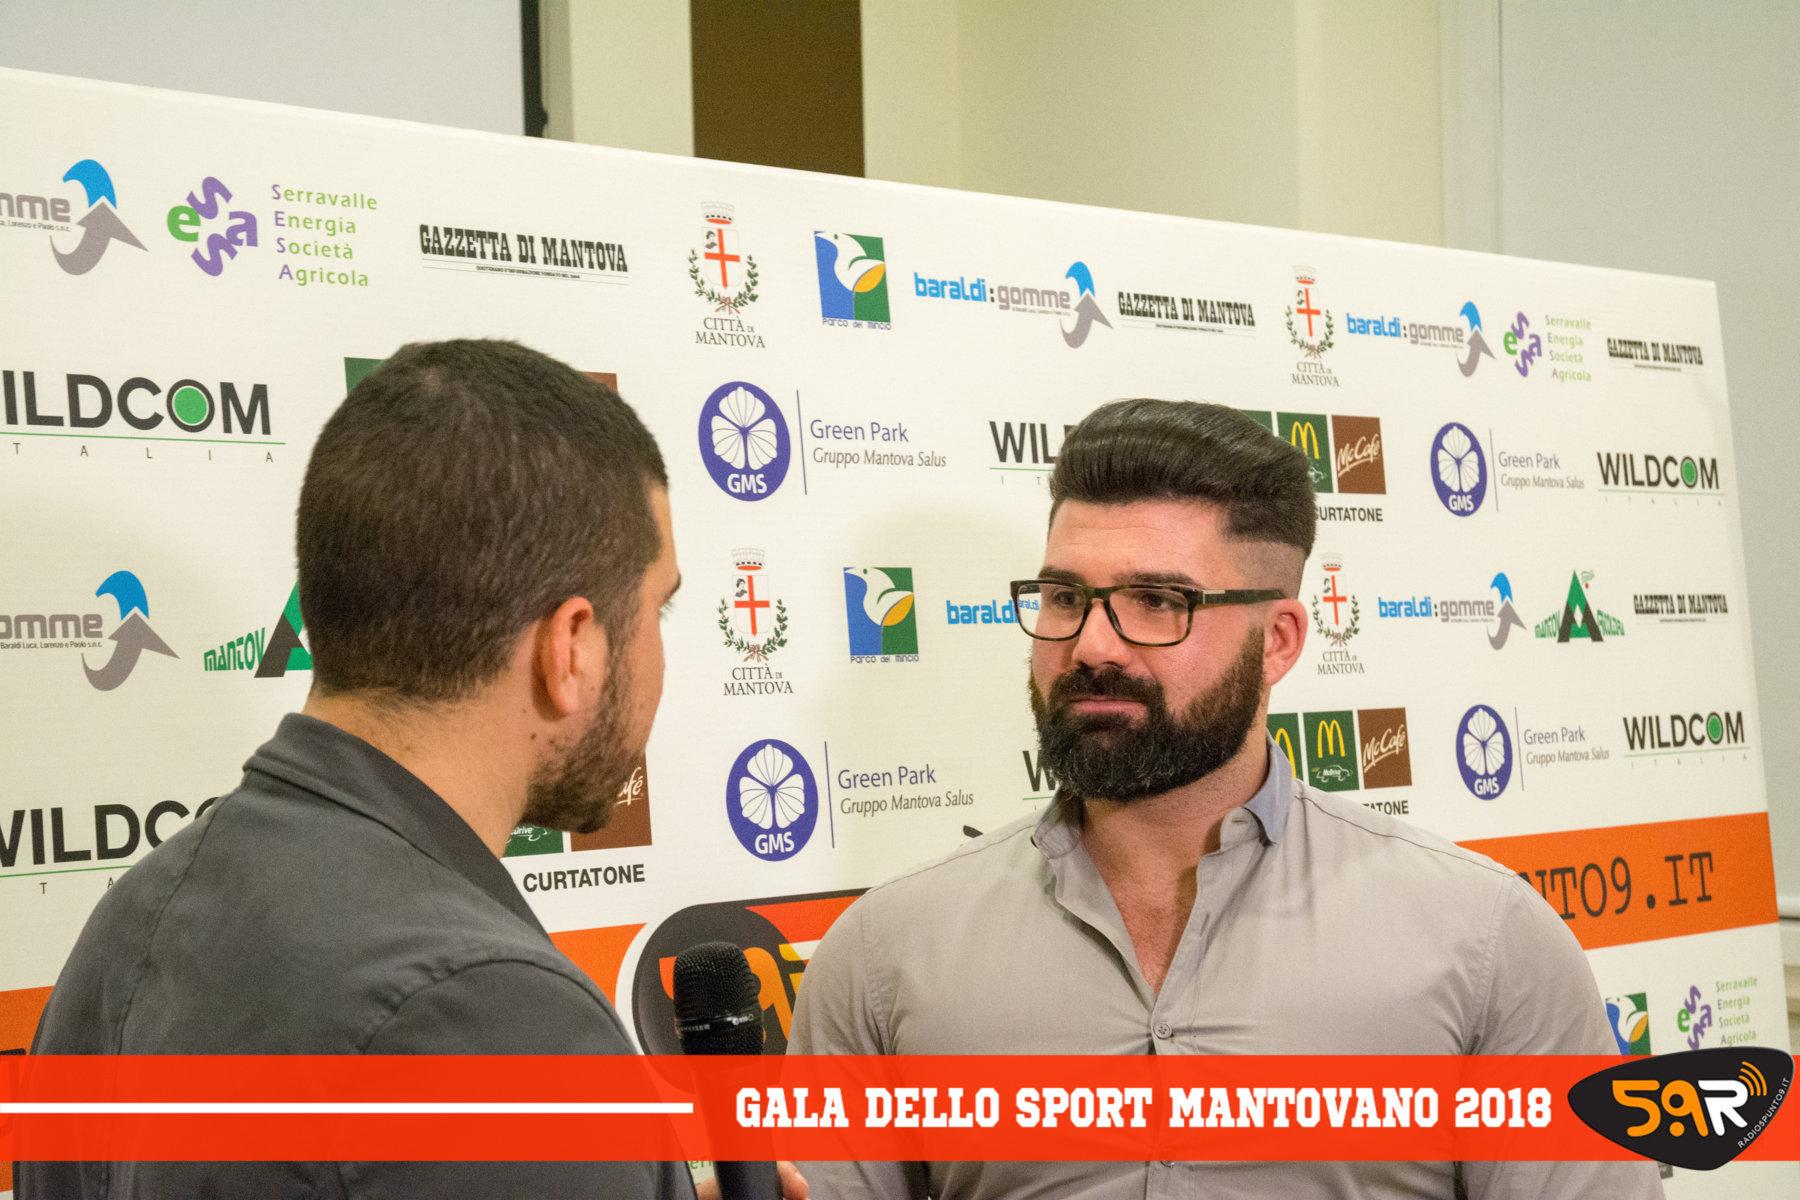 Gala dello Sport Mantovano 2018 Web Radio 5 (33)